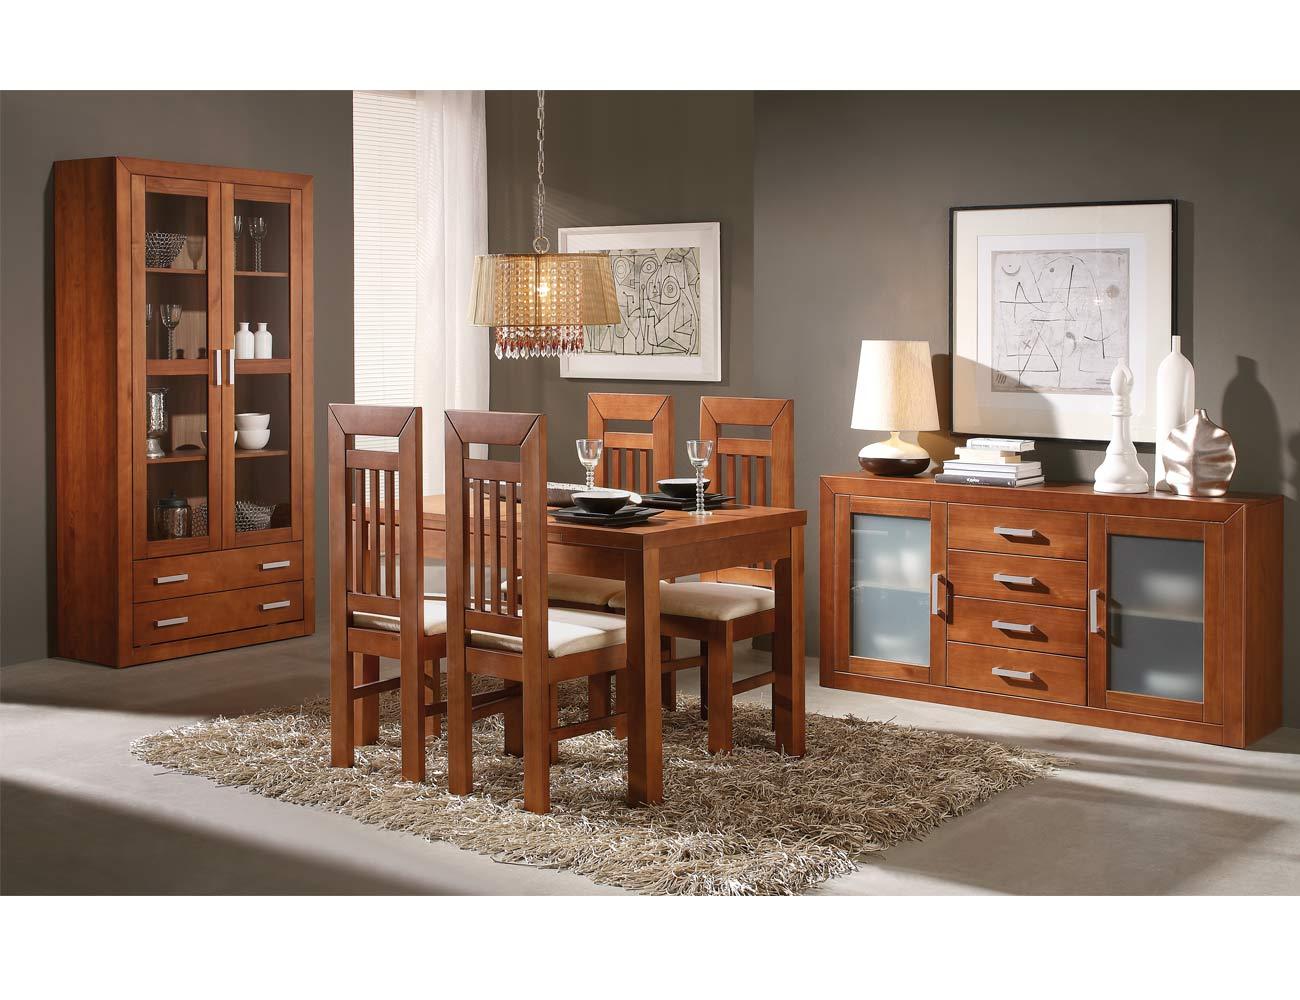 Muebles de sal n comedor estilo colonial en madera compuesto de aparador vitrina y mesas con - Muebles utrera ...